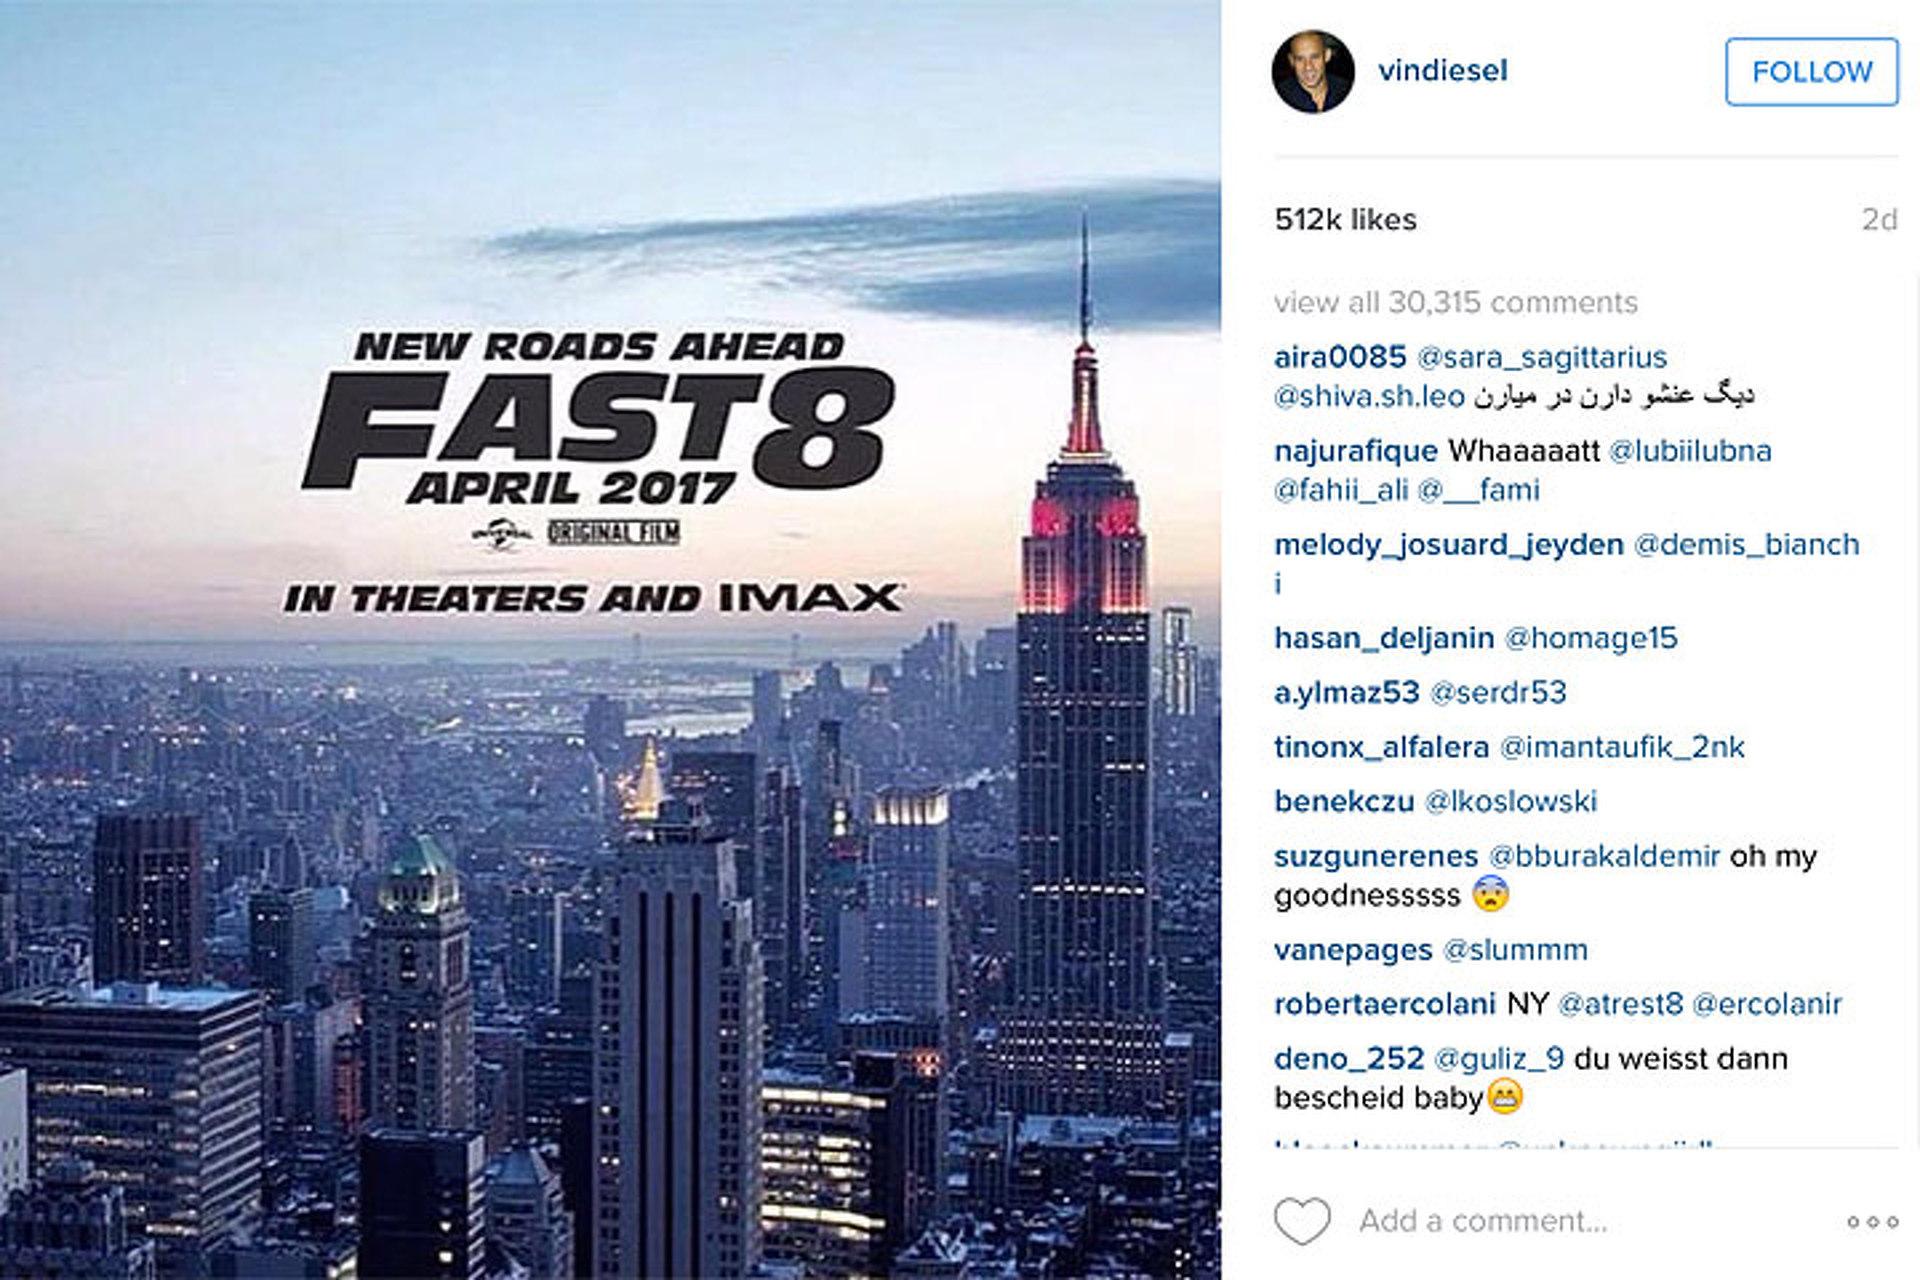 Vin Diesel Reveals